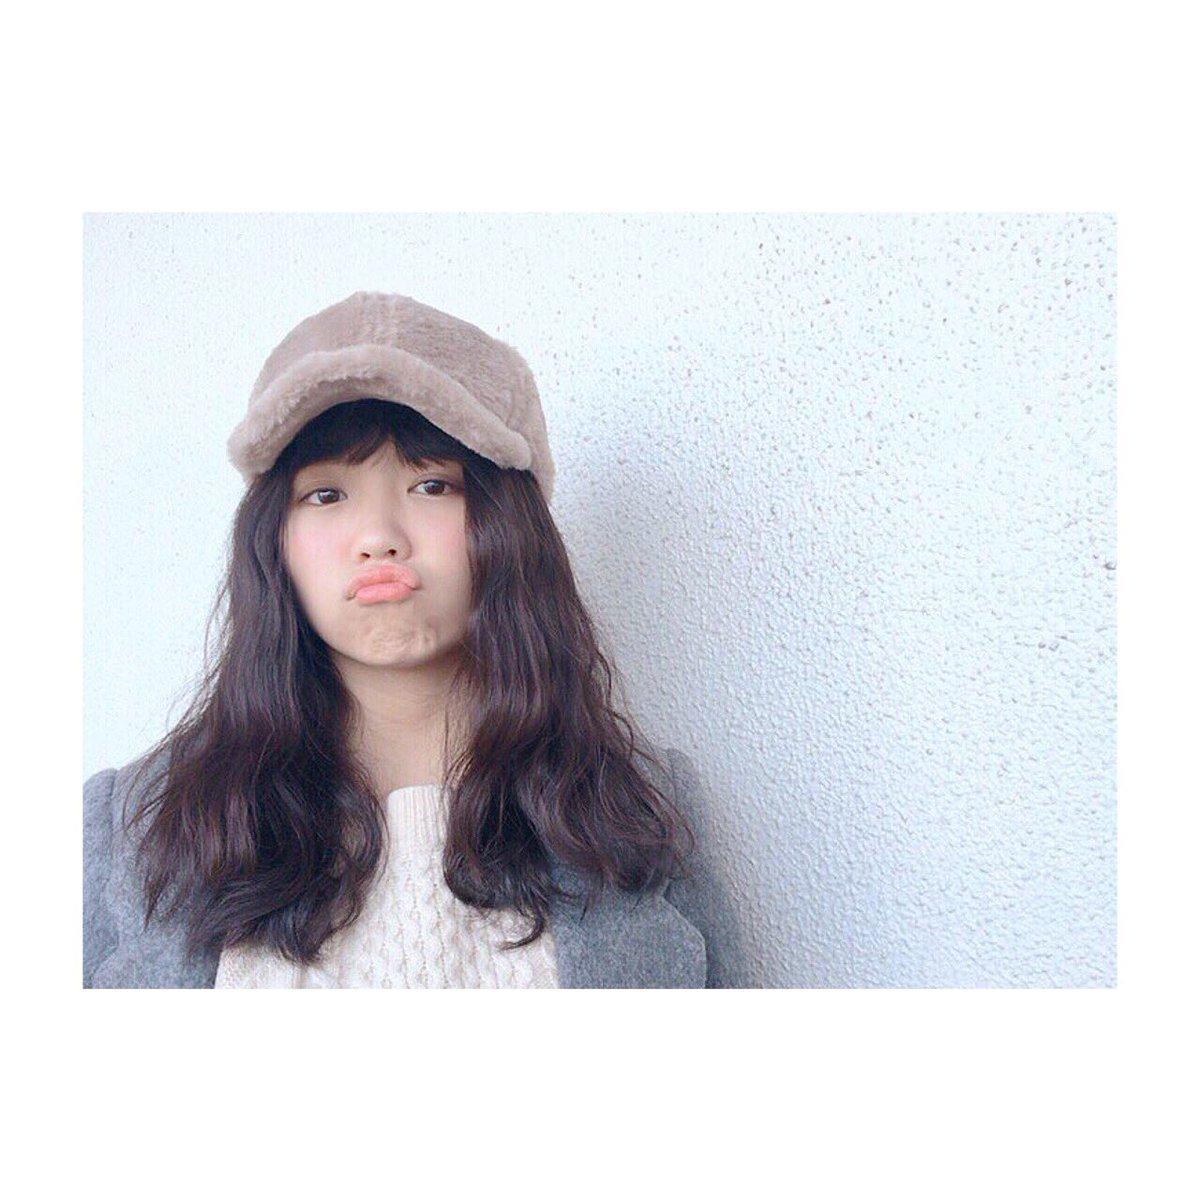 インスタに私服のブランドとか載せよっと♡) Dream5 大原優乃pic.twitter.com/gqIR9dso0F